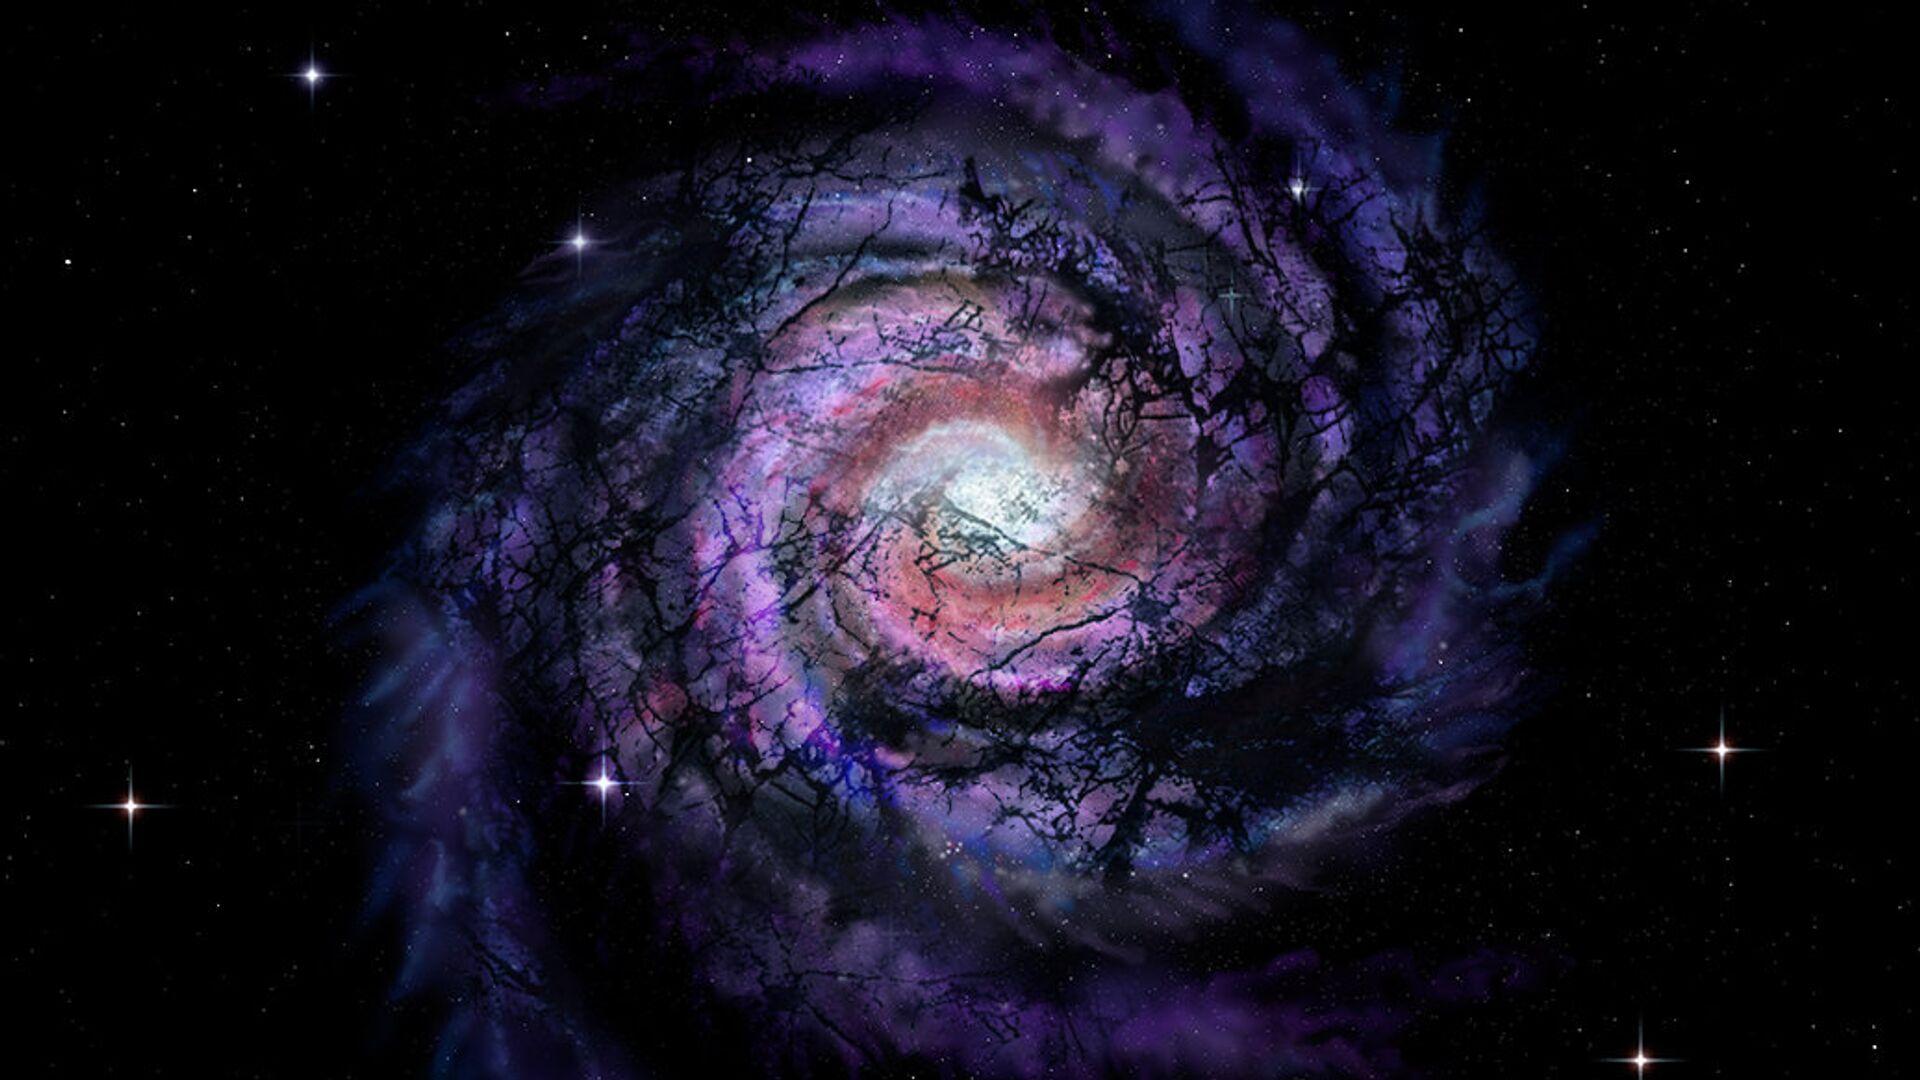 Физики предположили, что темная материя существует в другом измерении